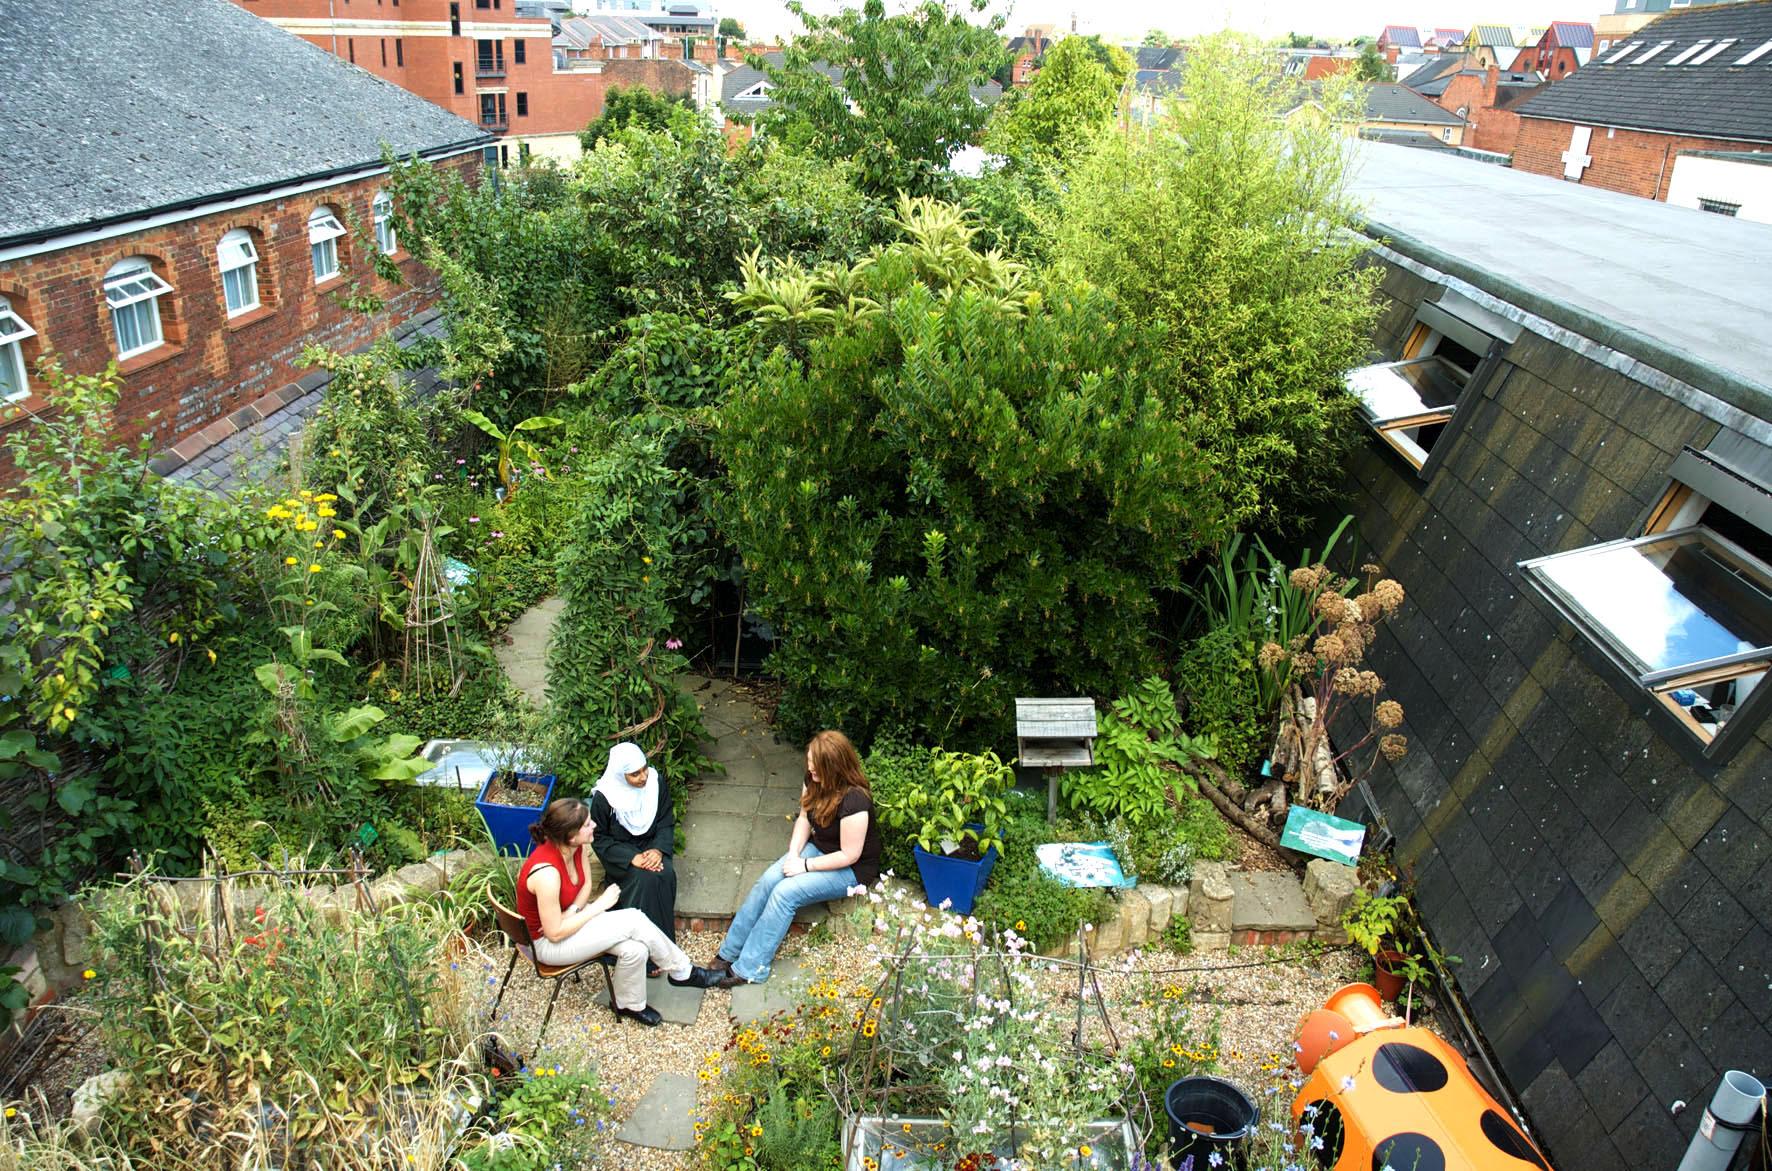 risc_roof_garden_3104_jpg_original